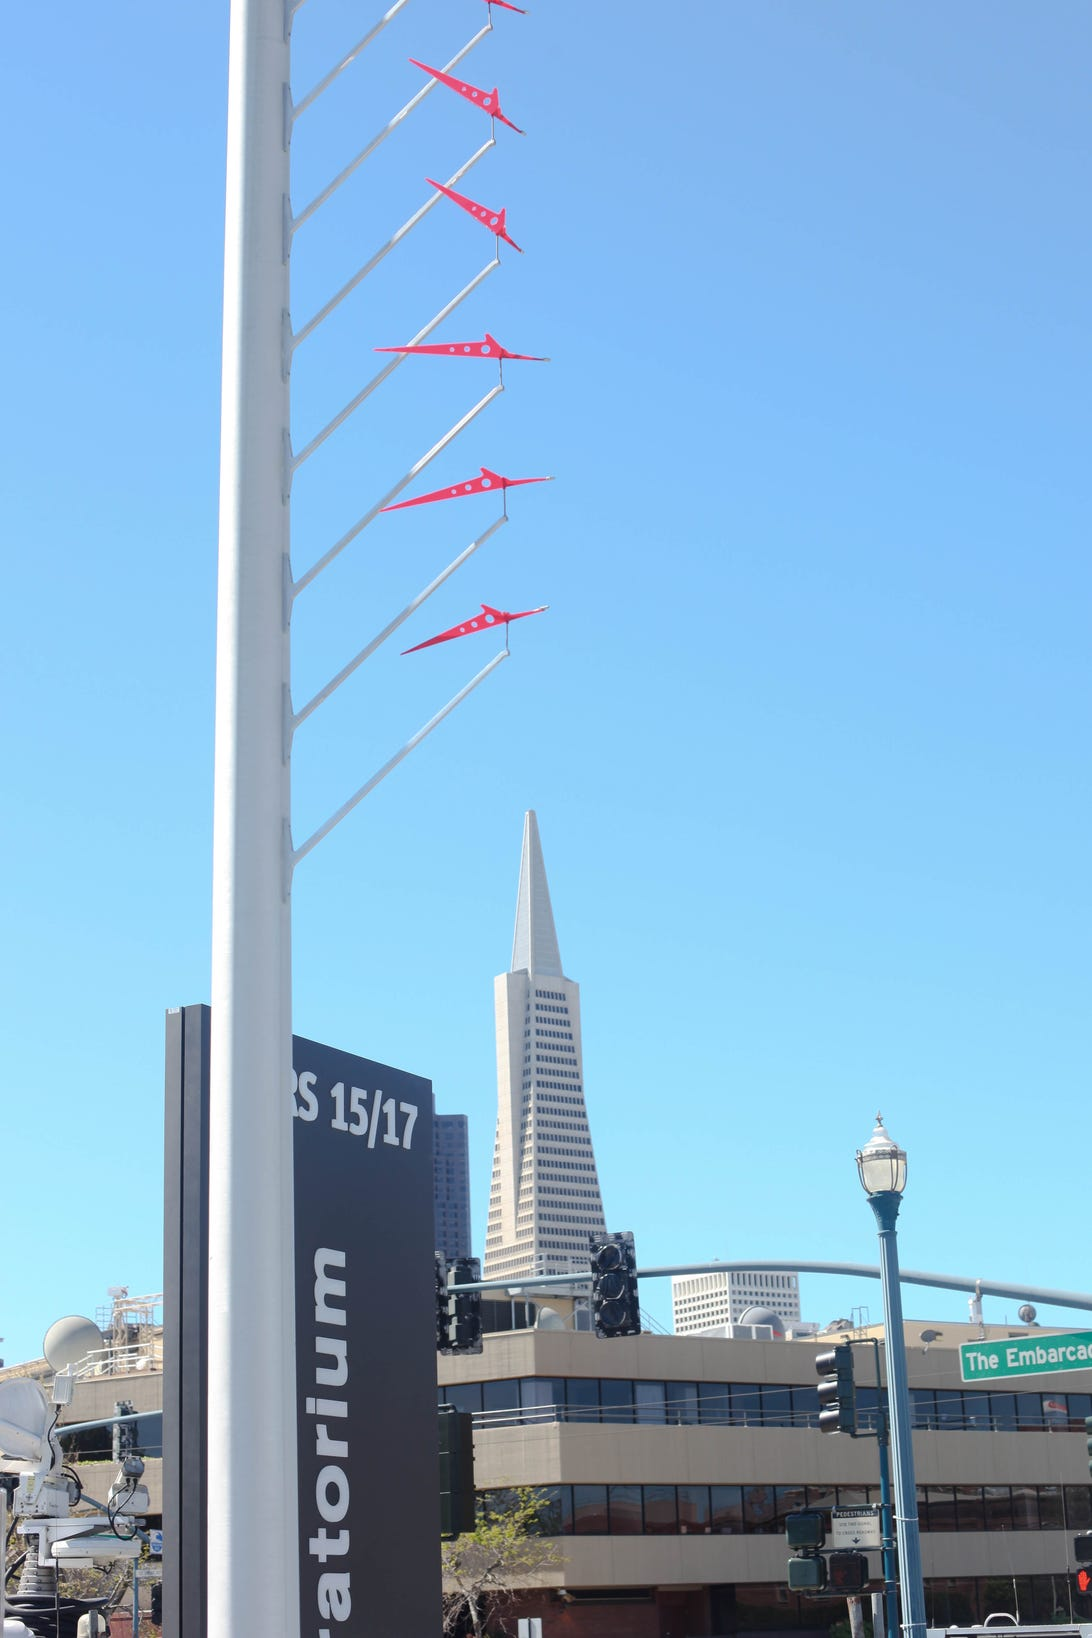 New_Exploratorium_preview_15_wind_flags.jpg